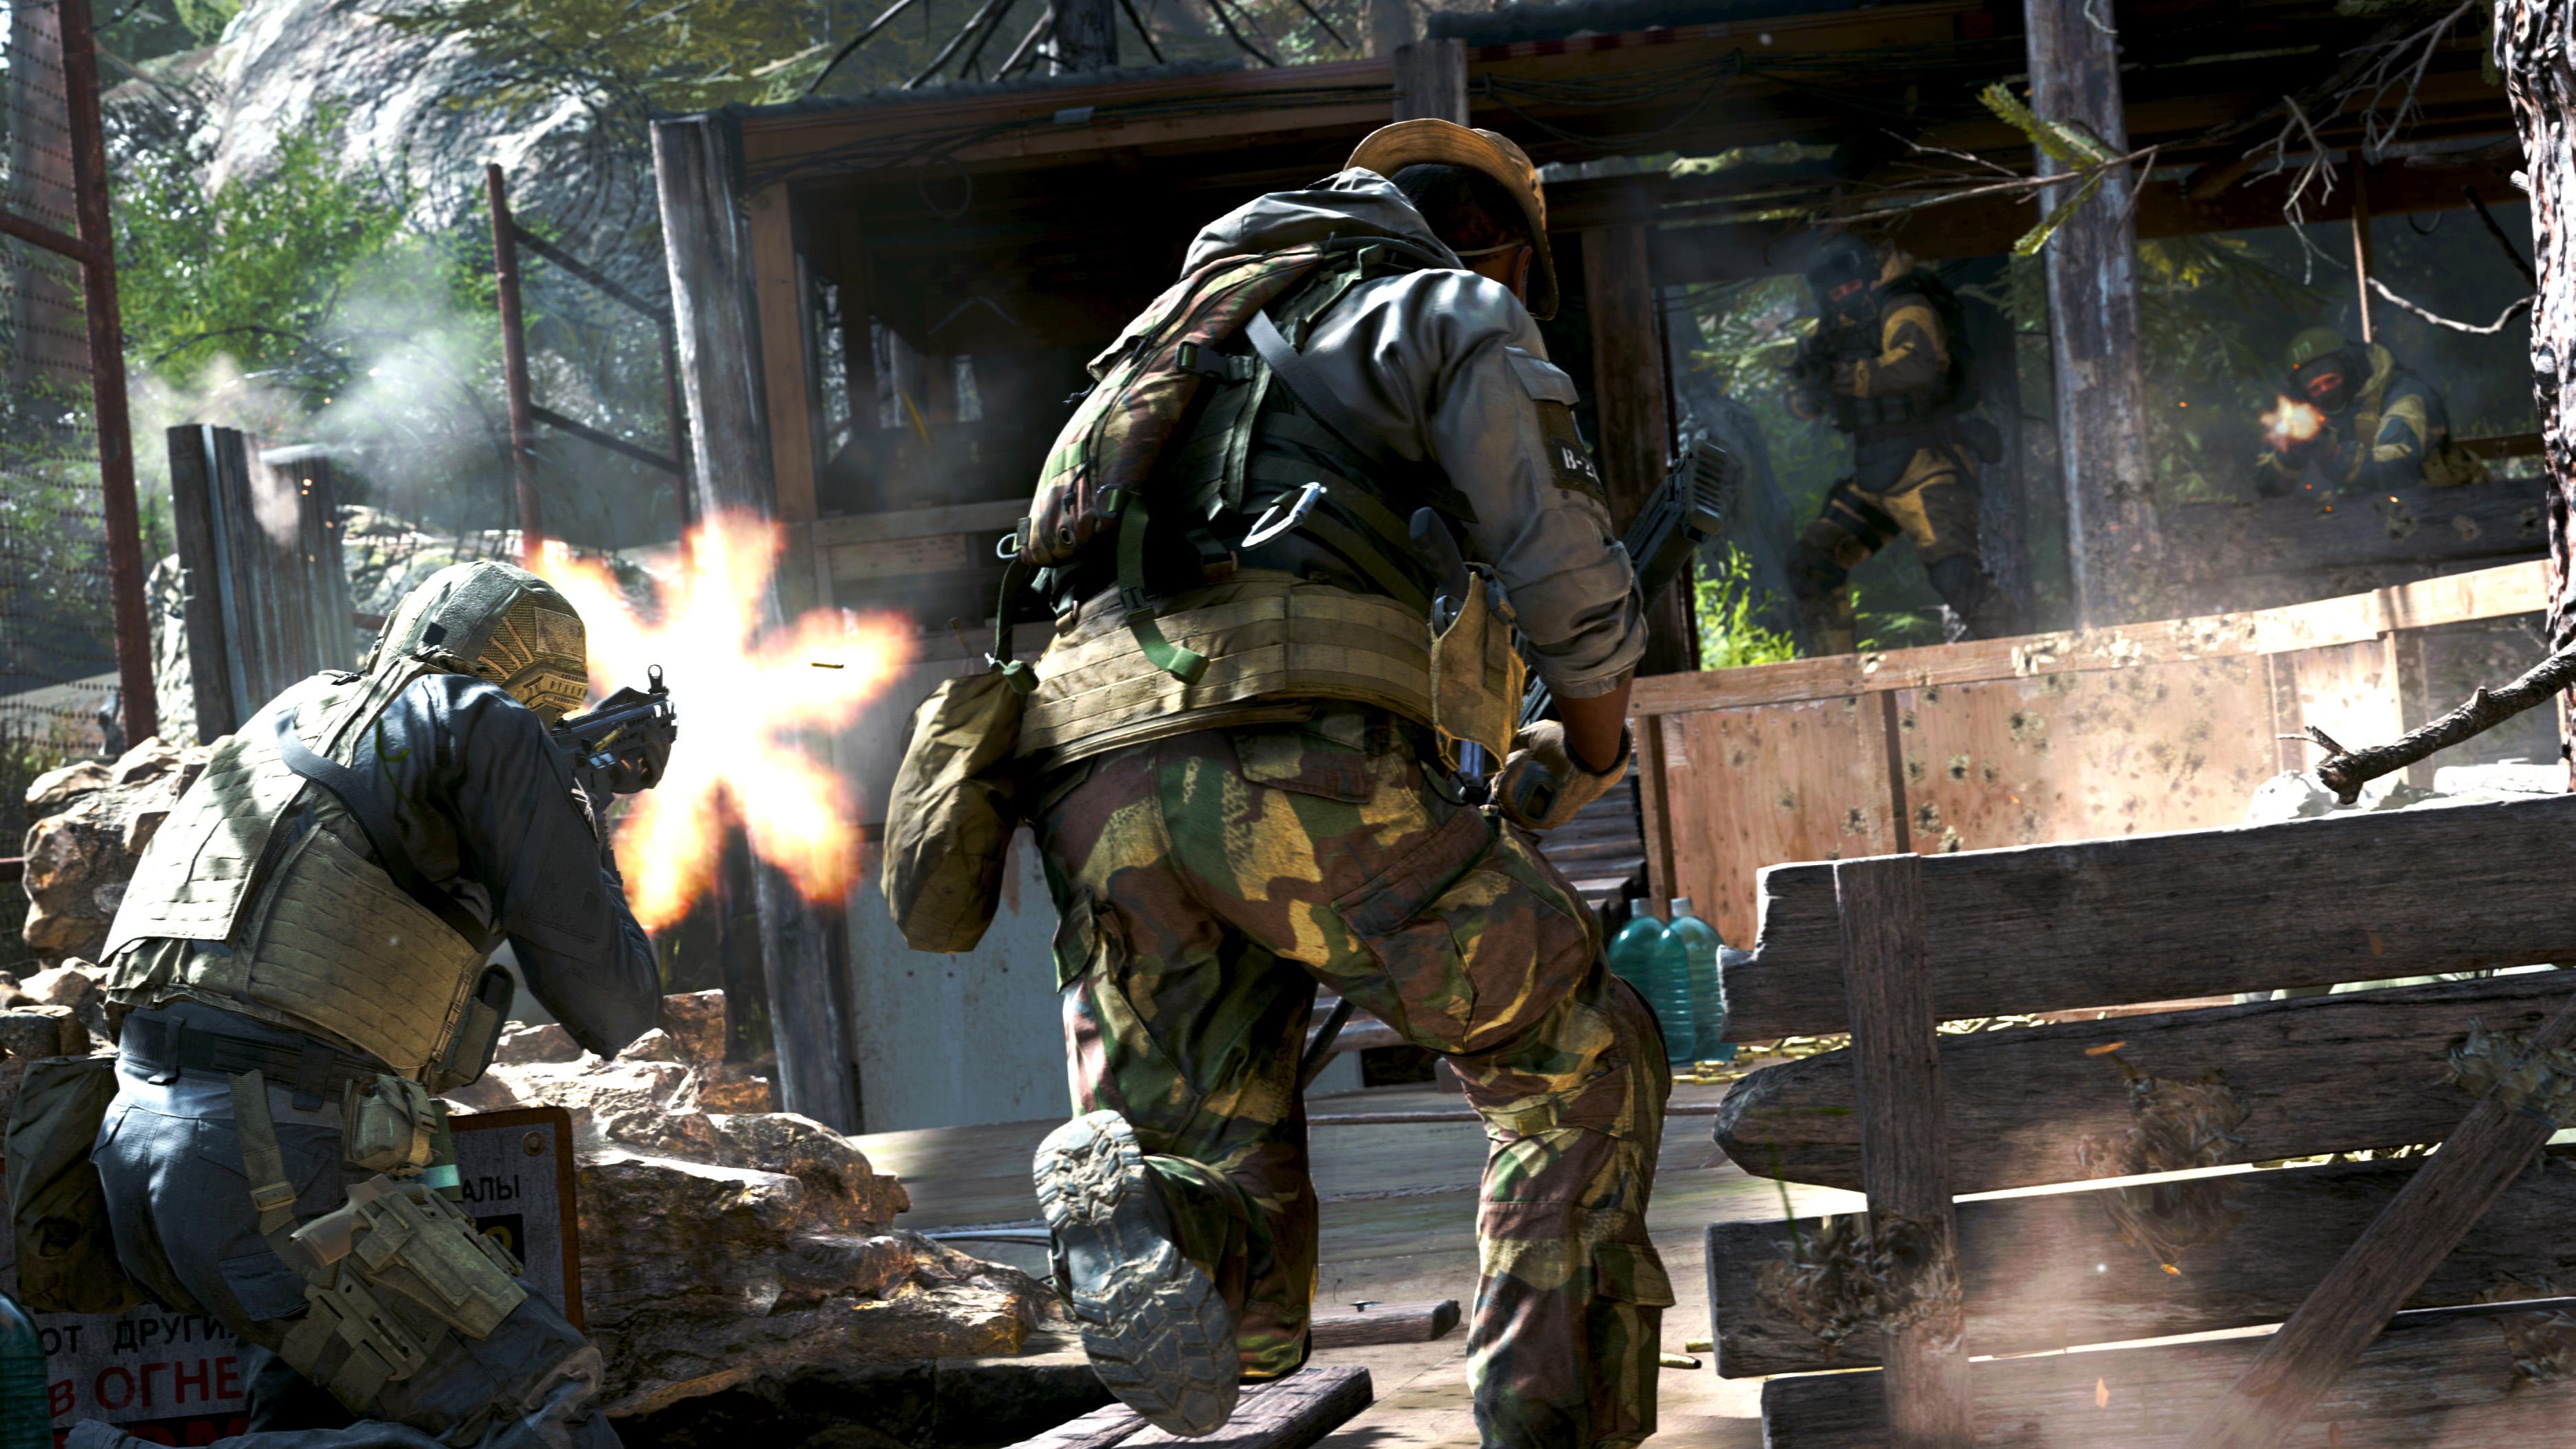 《使命召唤16》2v2枪战模式演示 8月2日展示其他多人模式